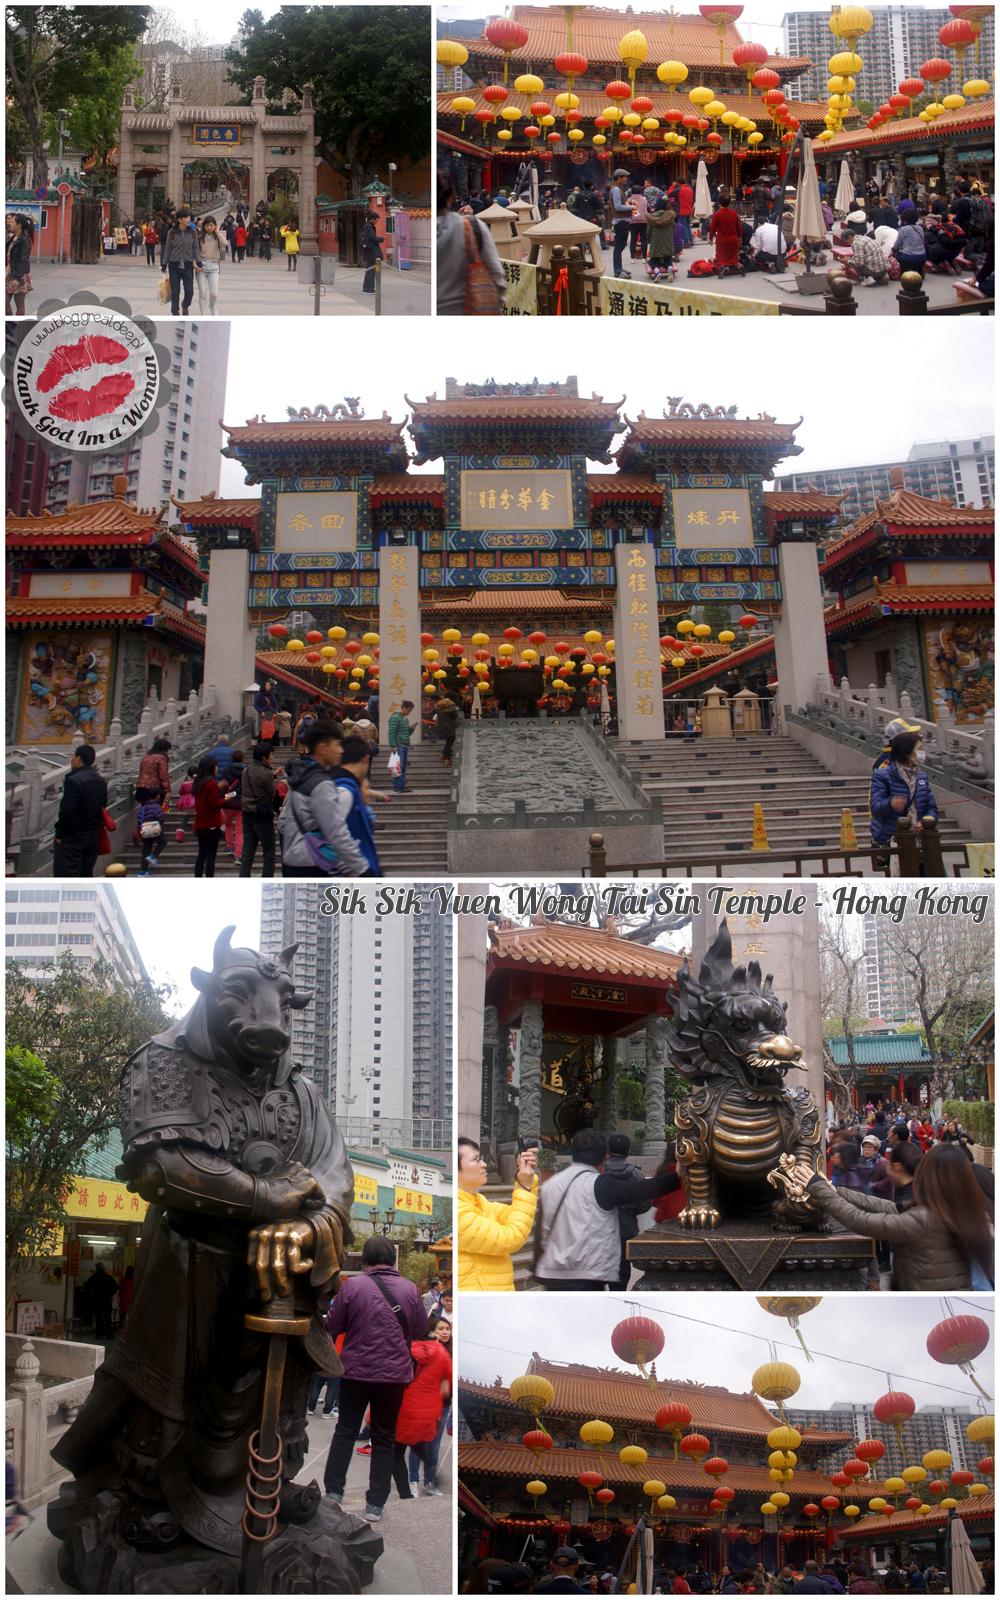 Sik Sik Yuen Wong Tai Sin Temple - Hong Kong